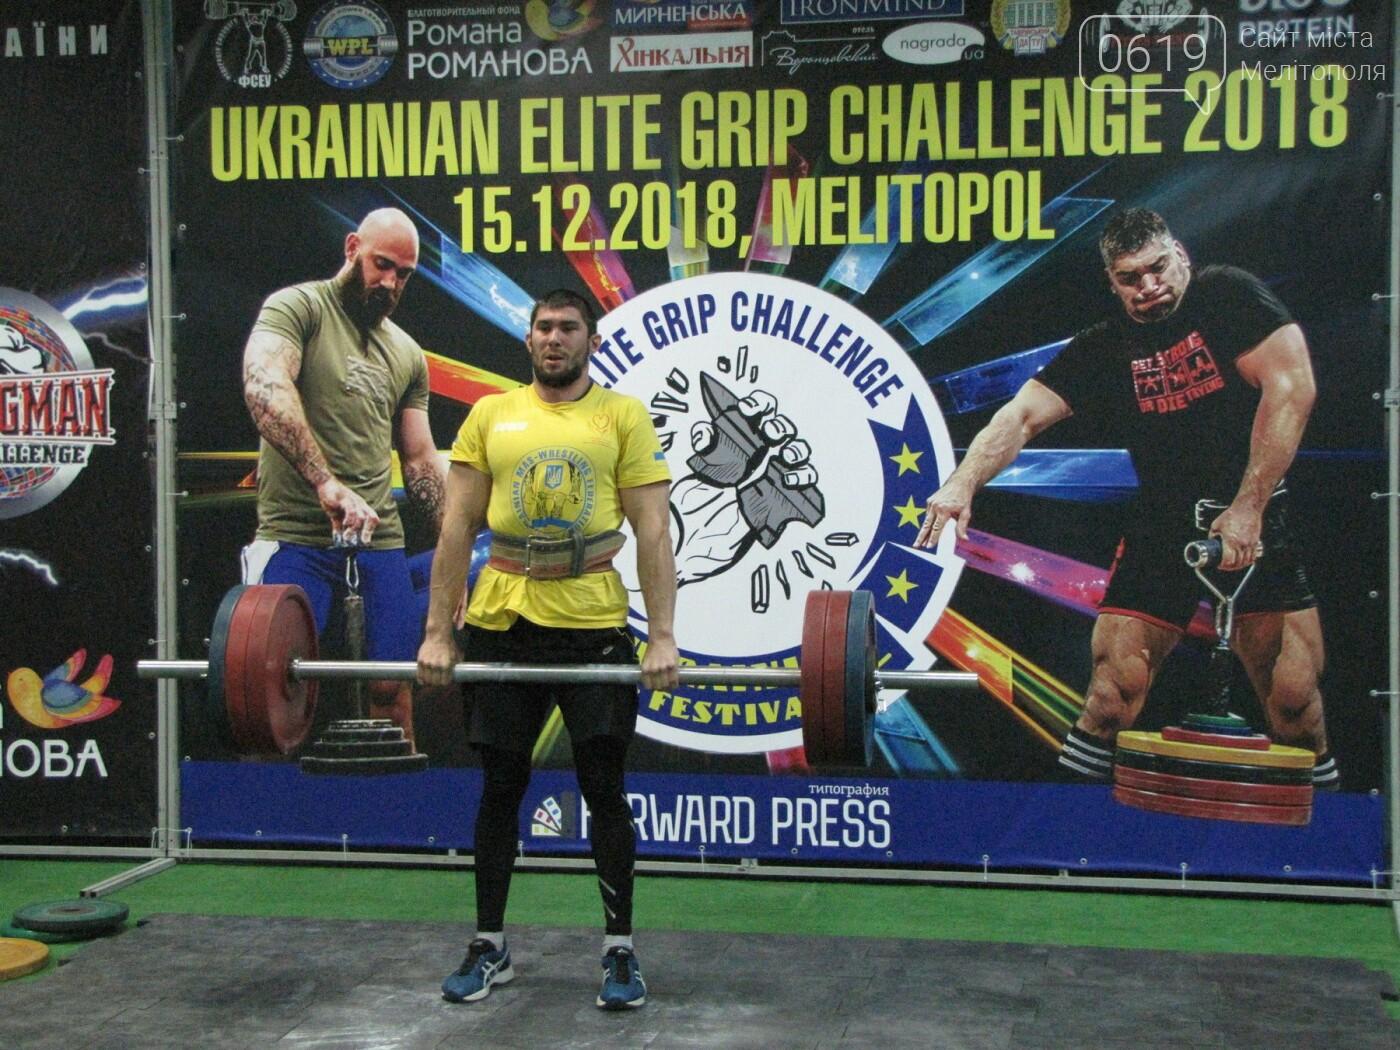 В Мелитополе сильнейшие атлеты соревновались в силе хвата, фото-12